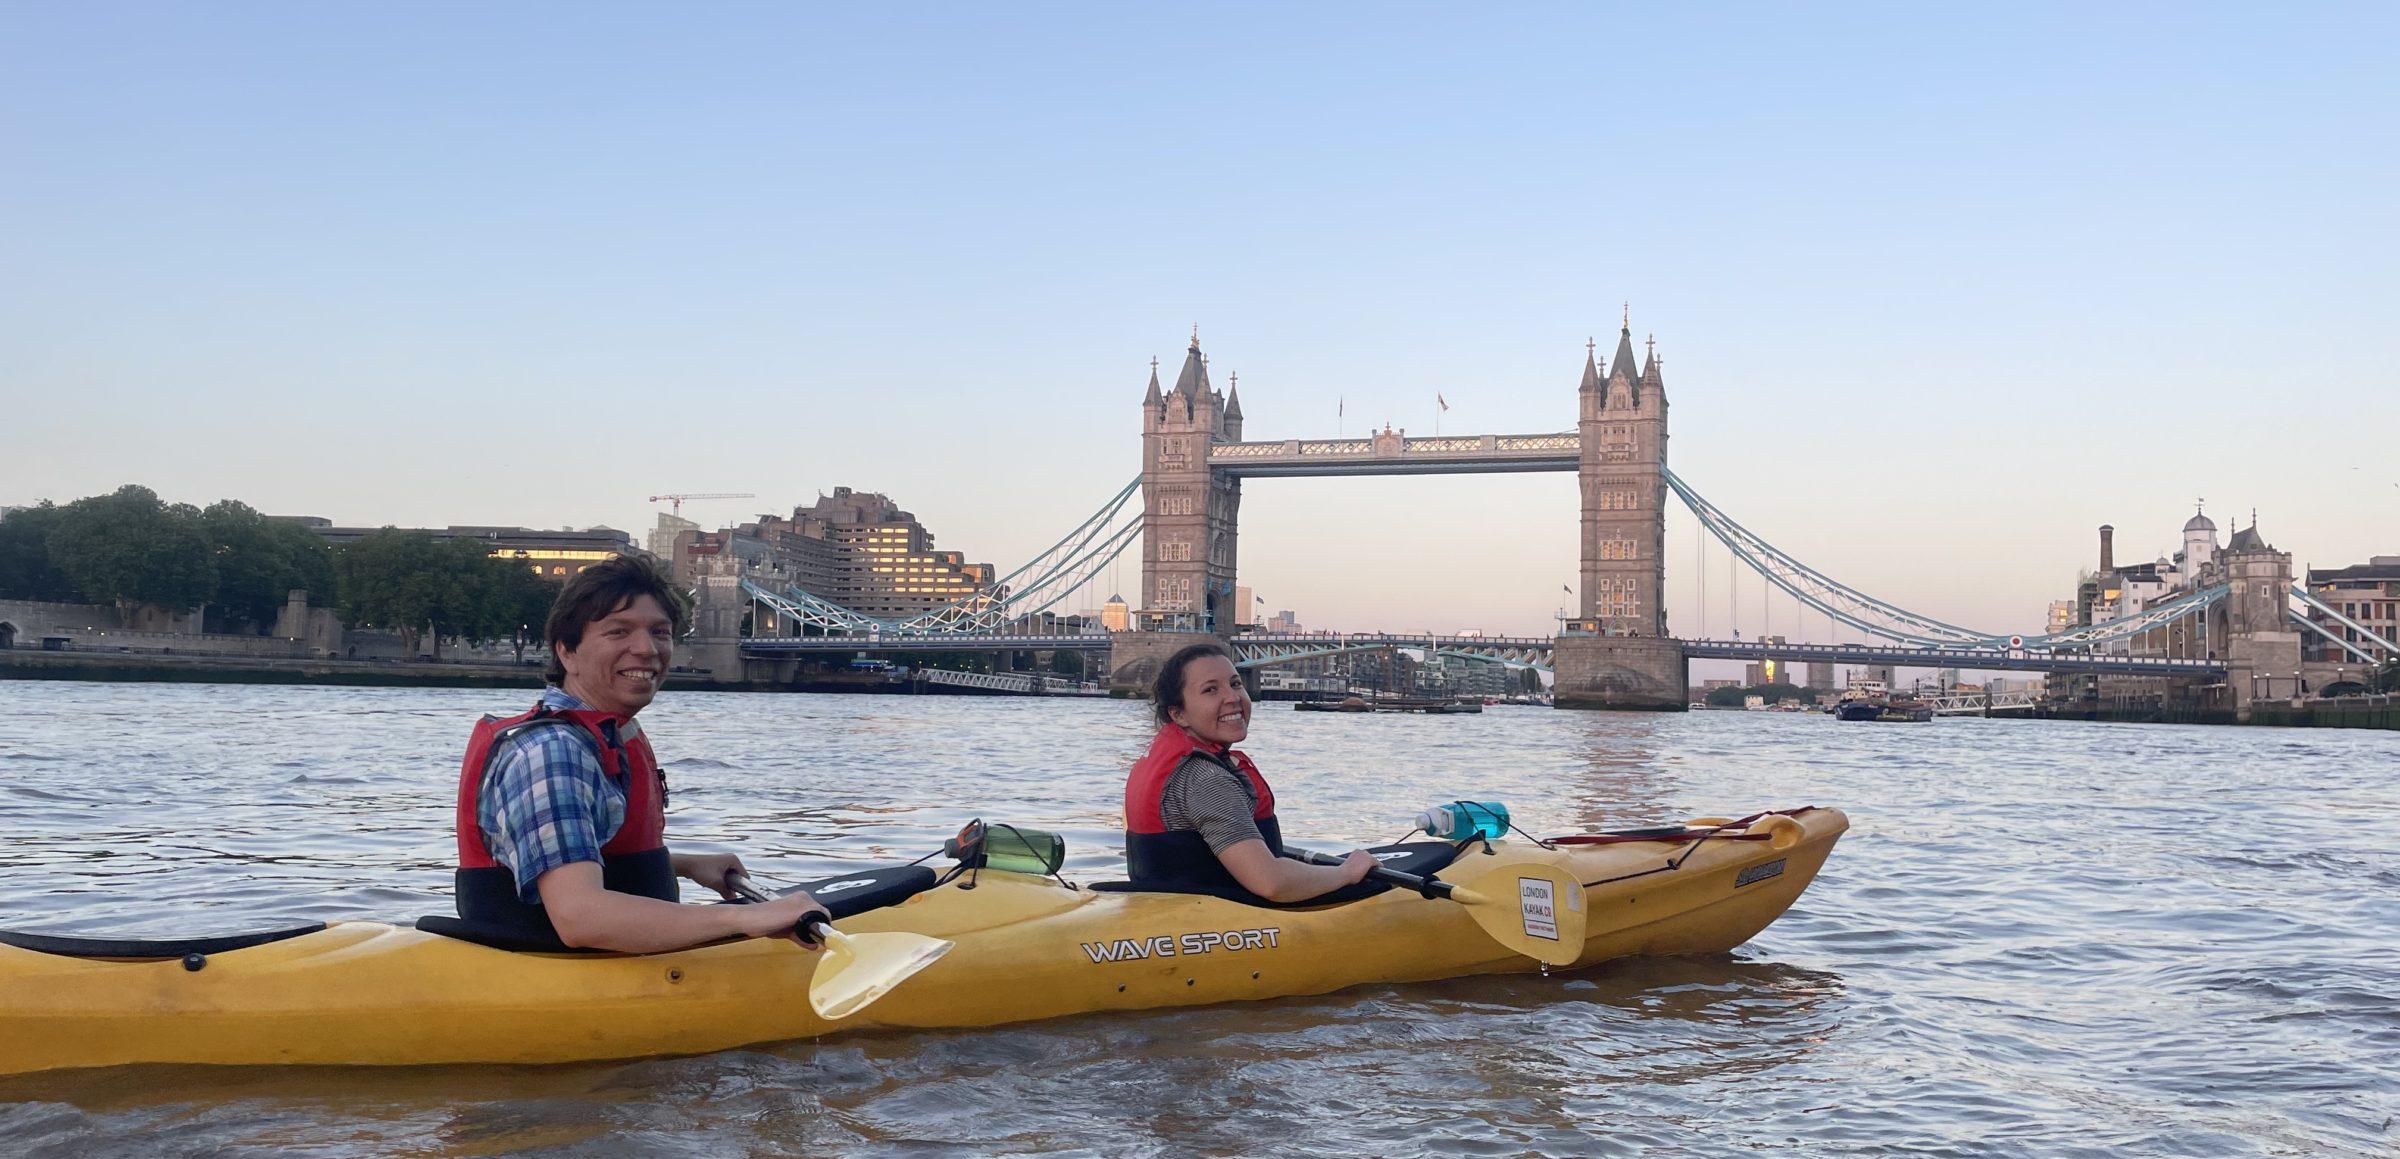 At Tower Bridge